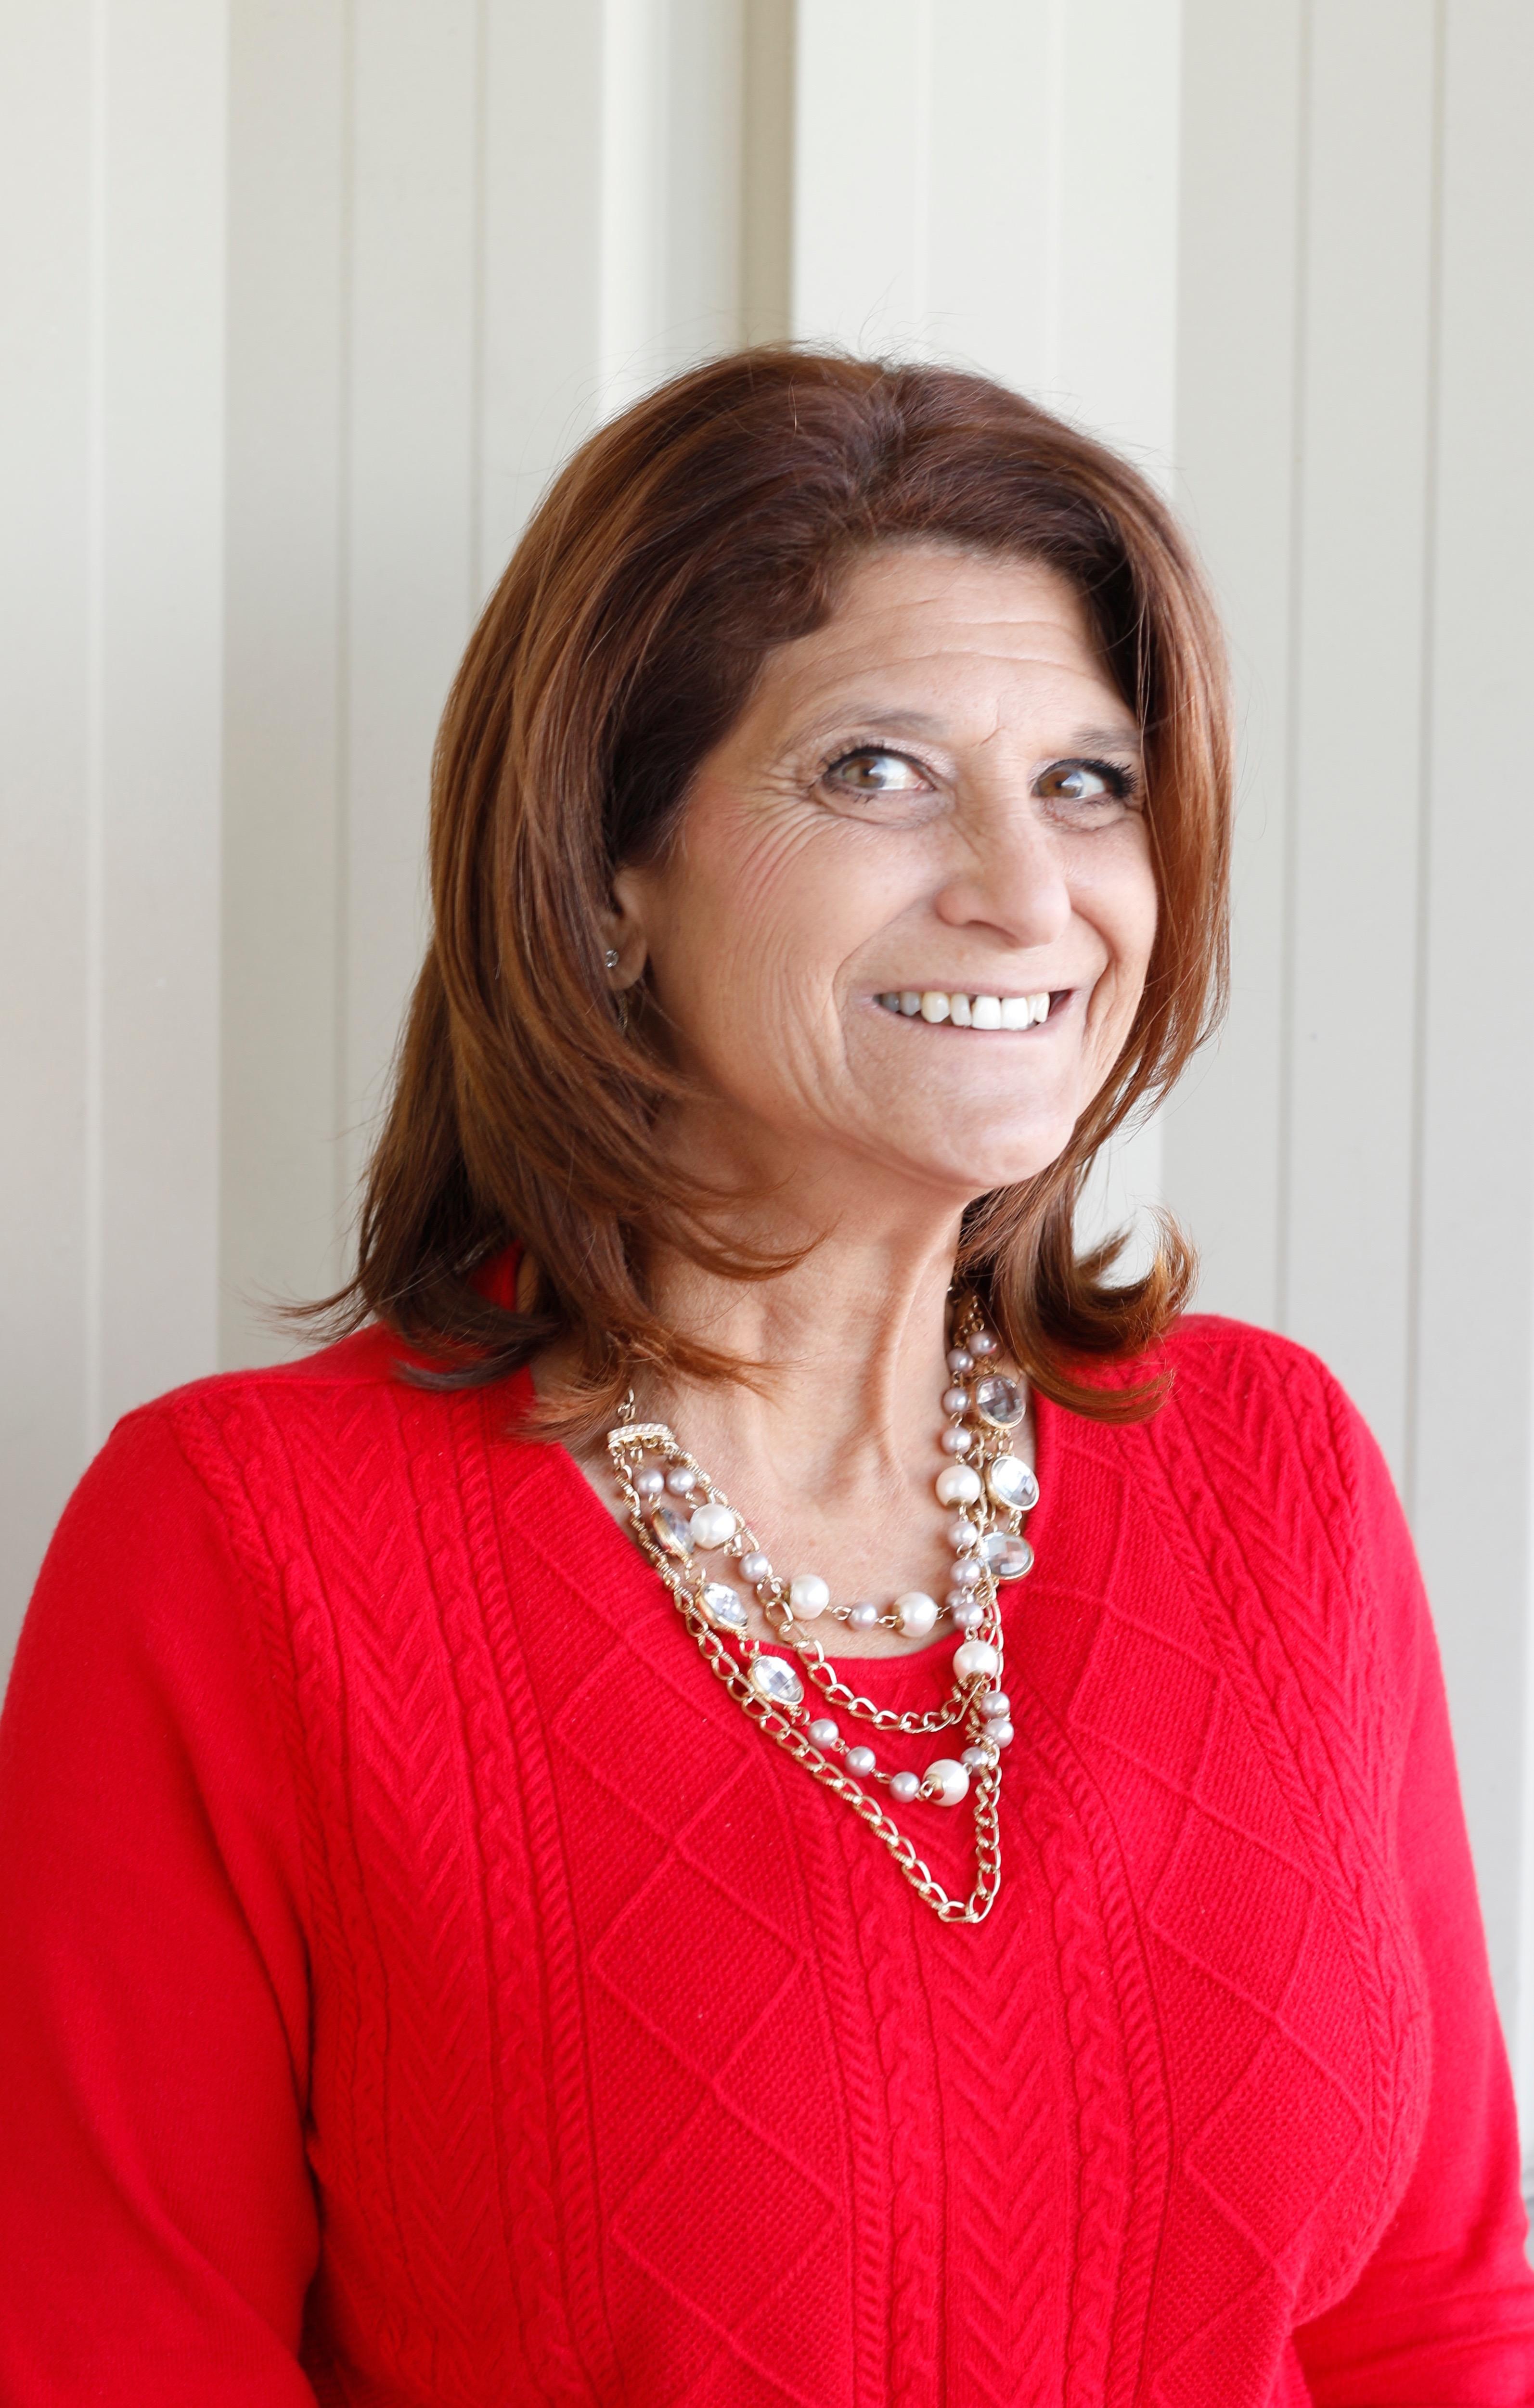 Mary Albertini